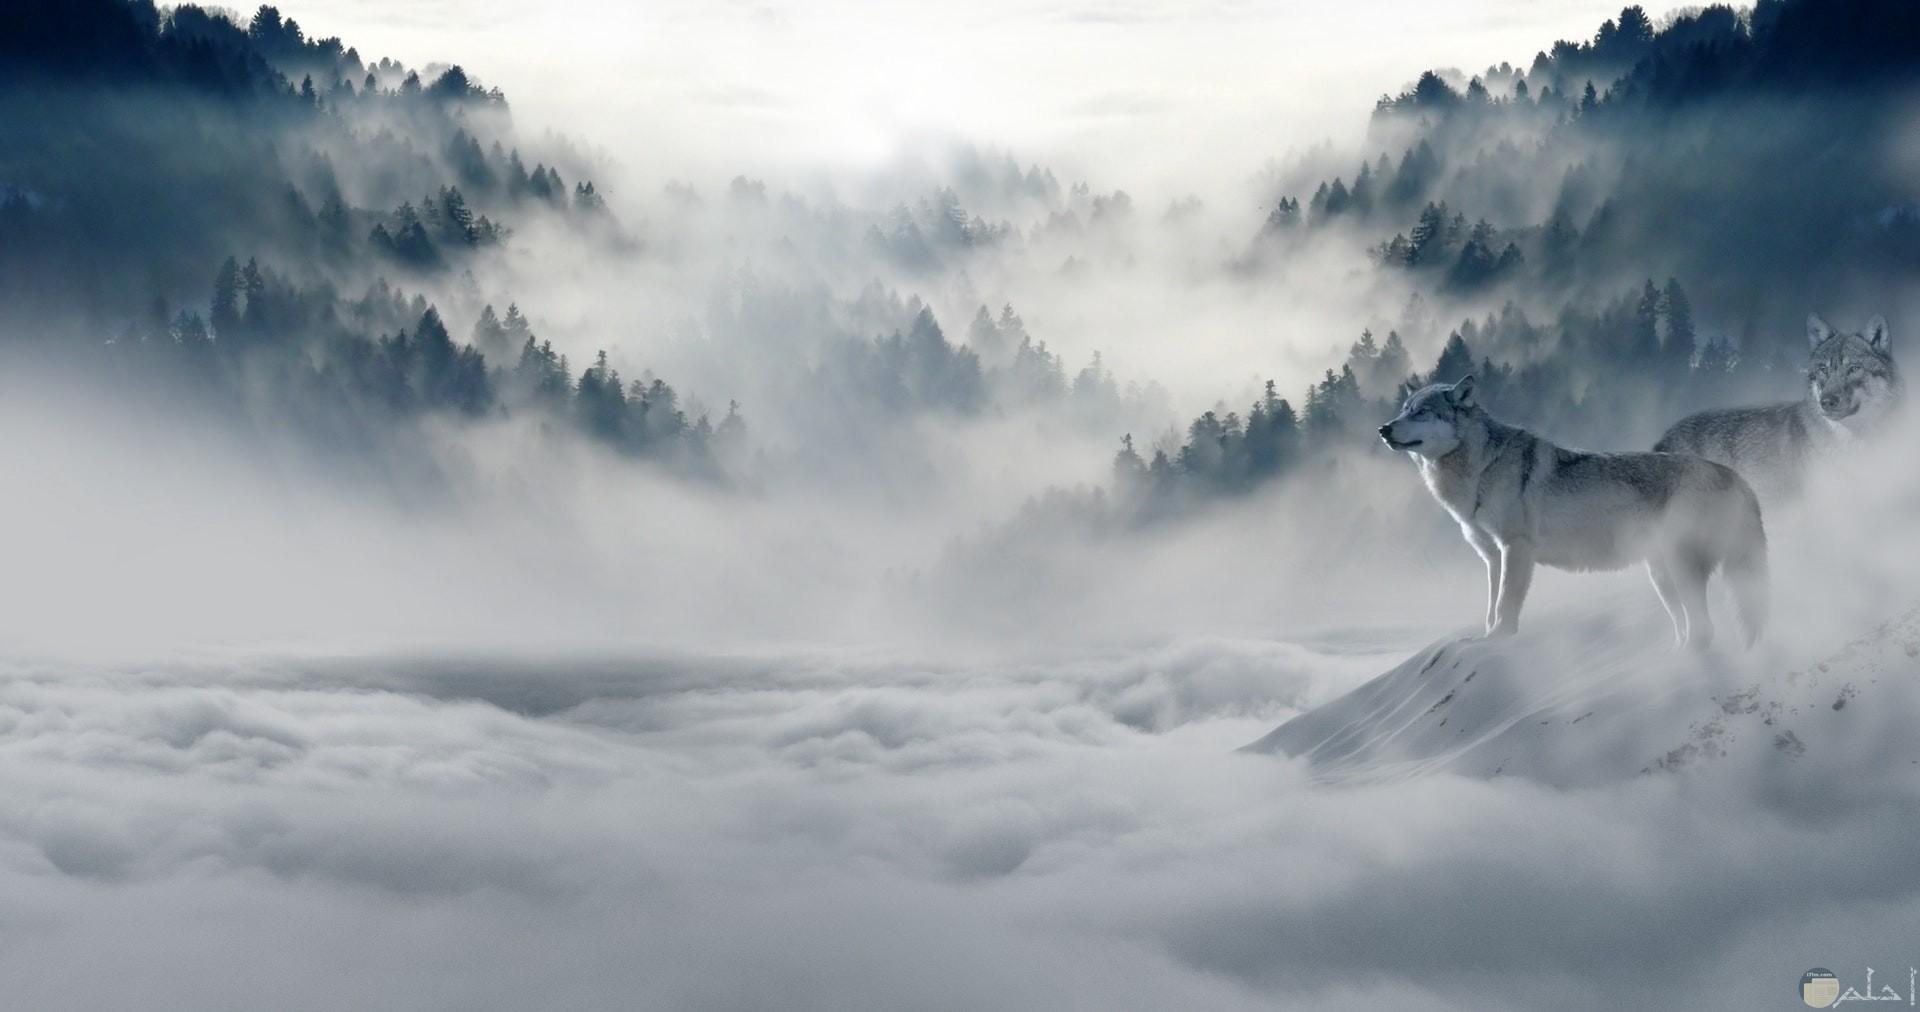 صورة ذئبان واقفان في غابة مليئة بالثلوج